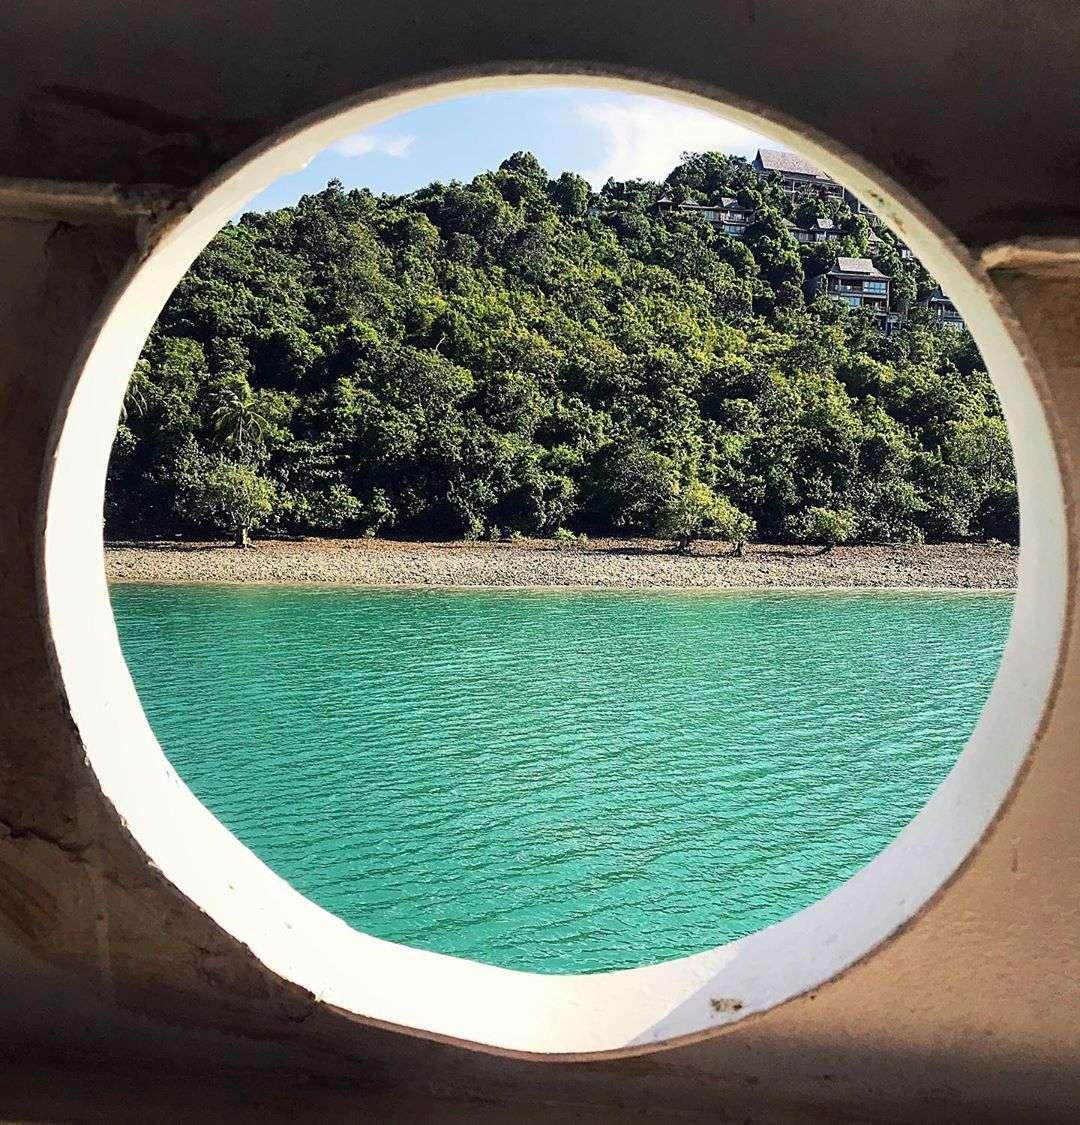 Koh Yao Yai vanaf een schip gezien - door een groot rond gat